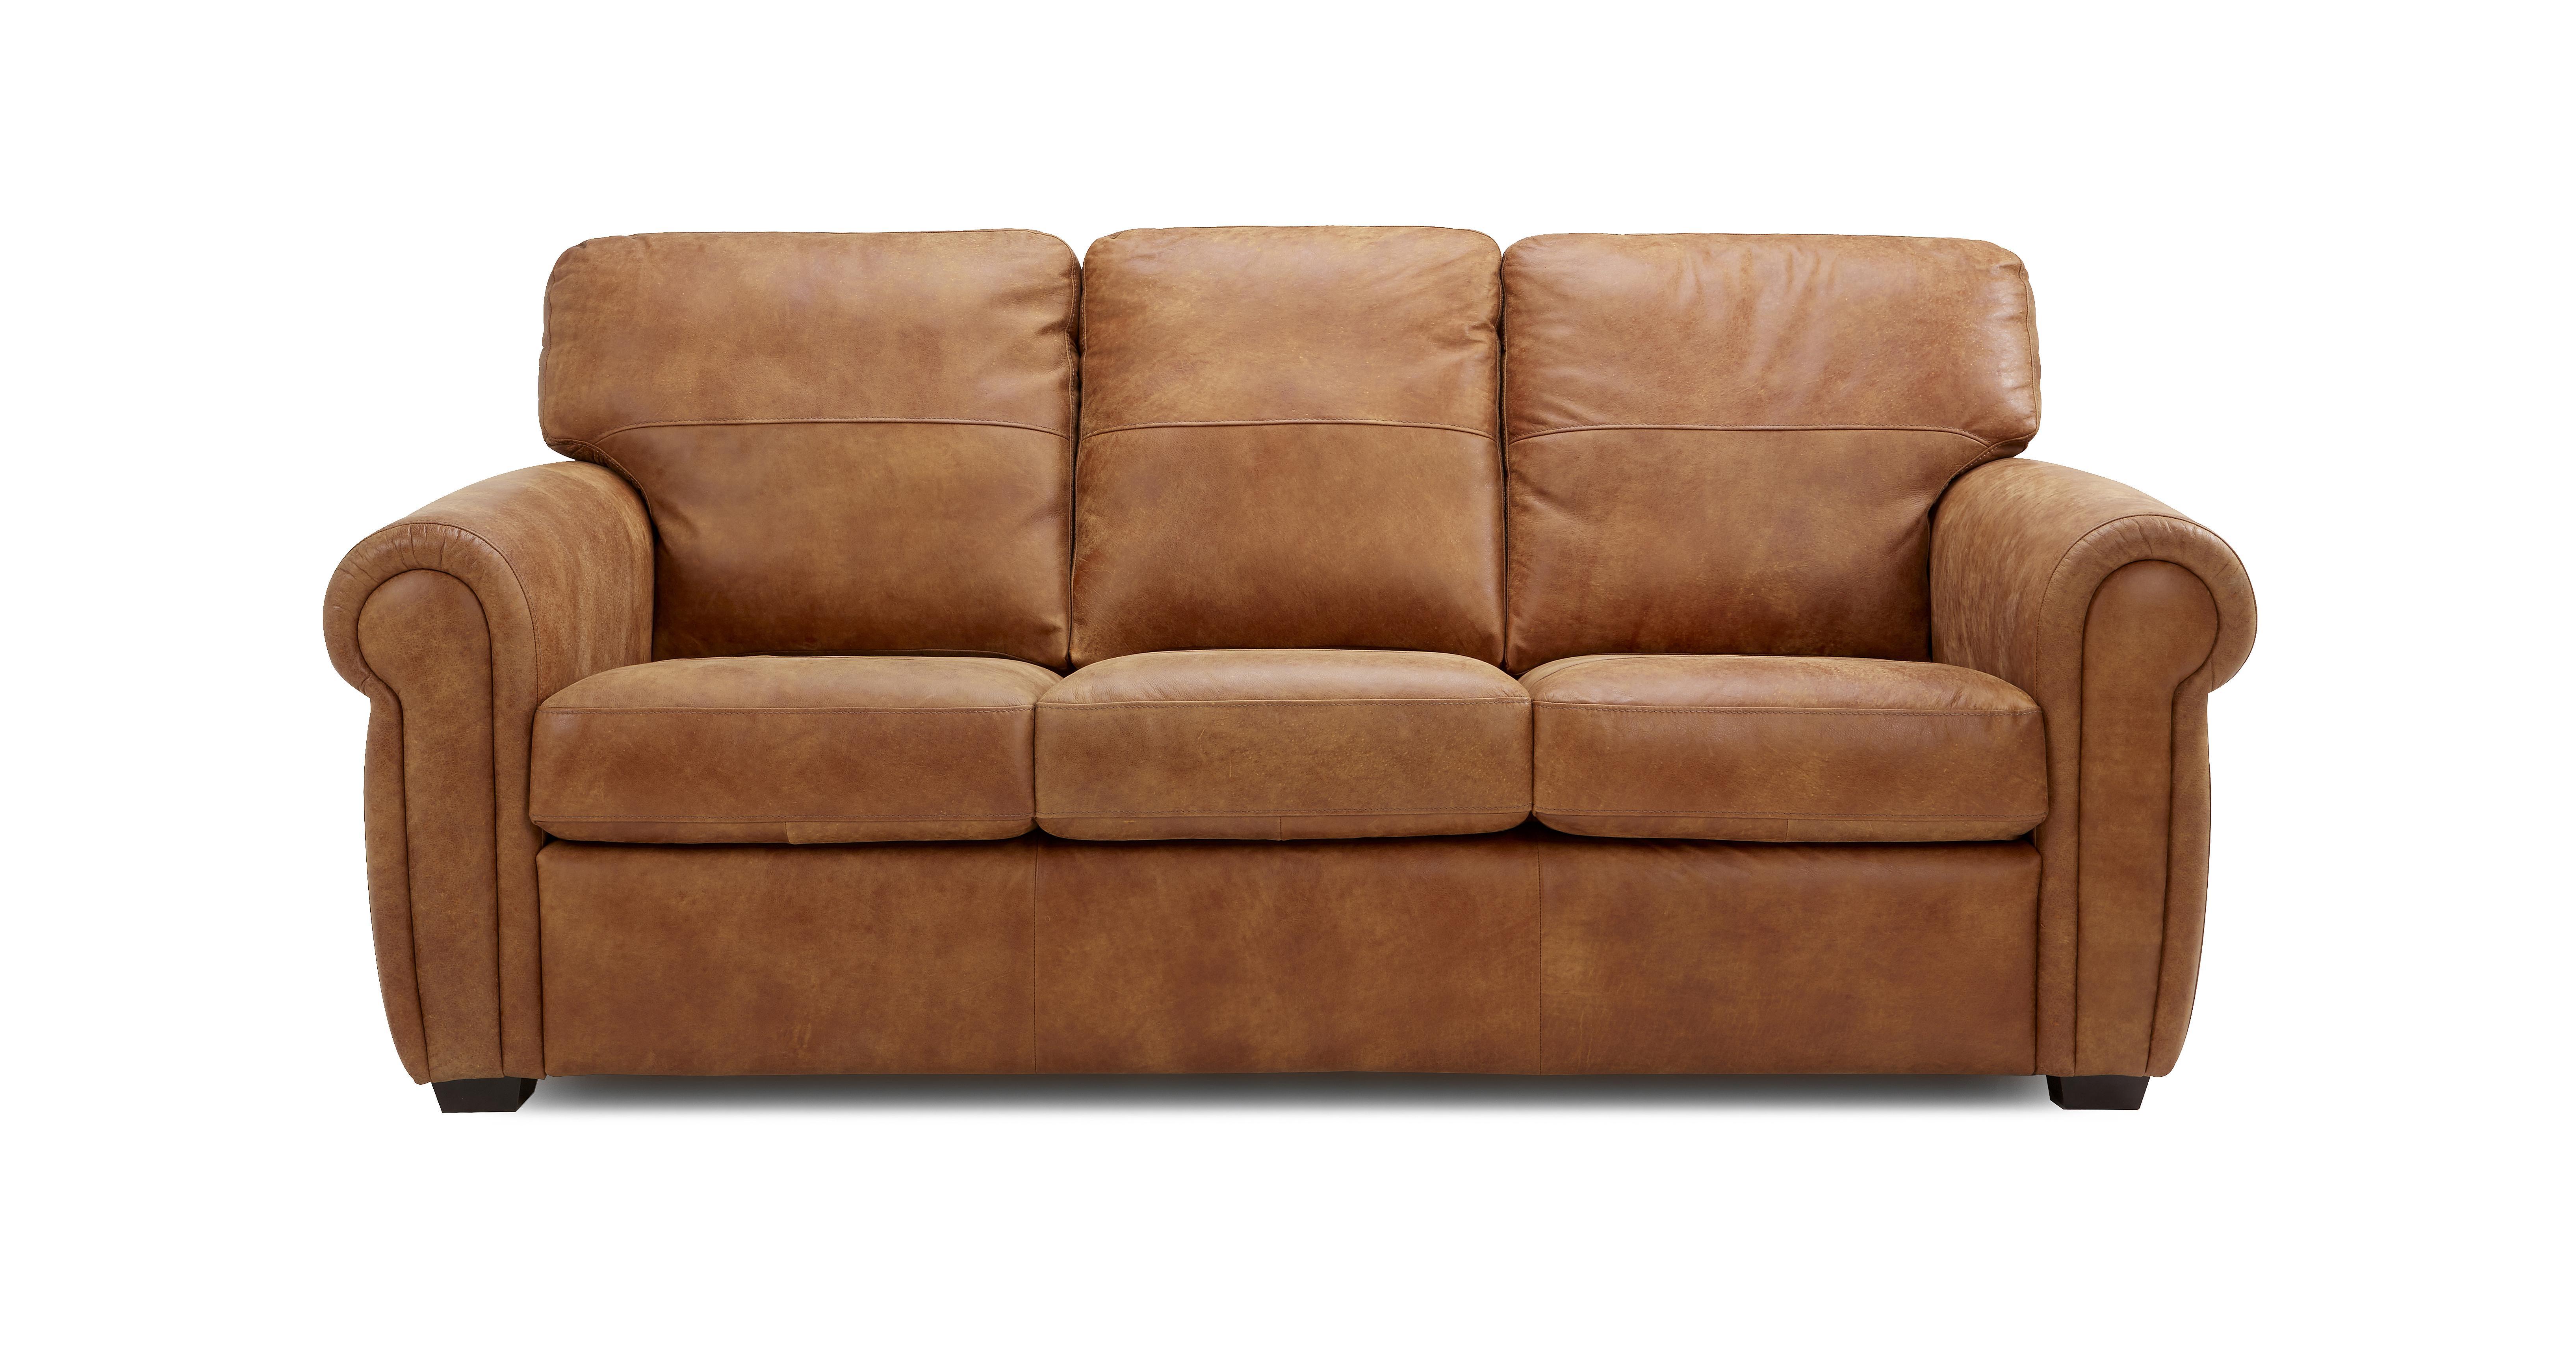 Sanchez 3 zitsbank saddle dfs banken - Sofa stijl jaar ...